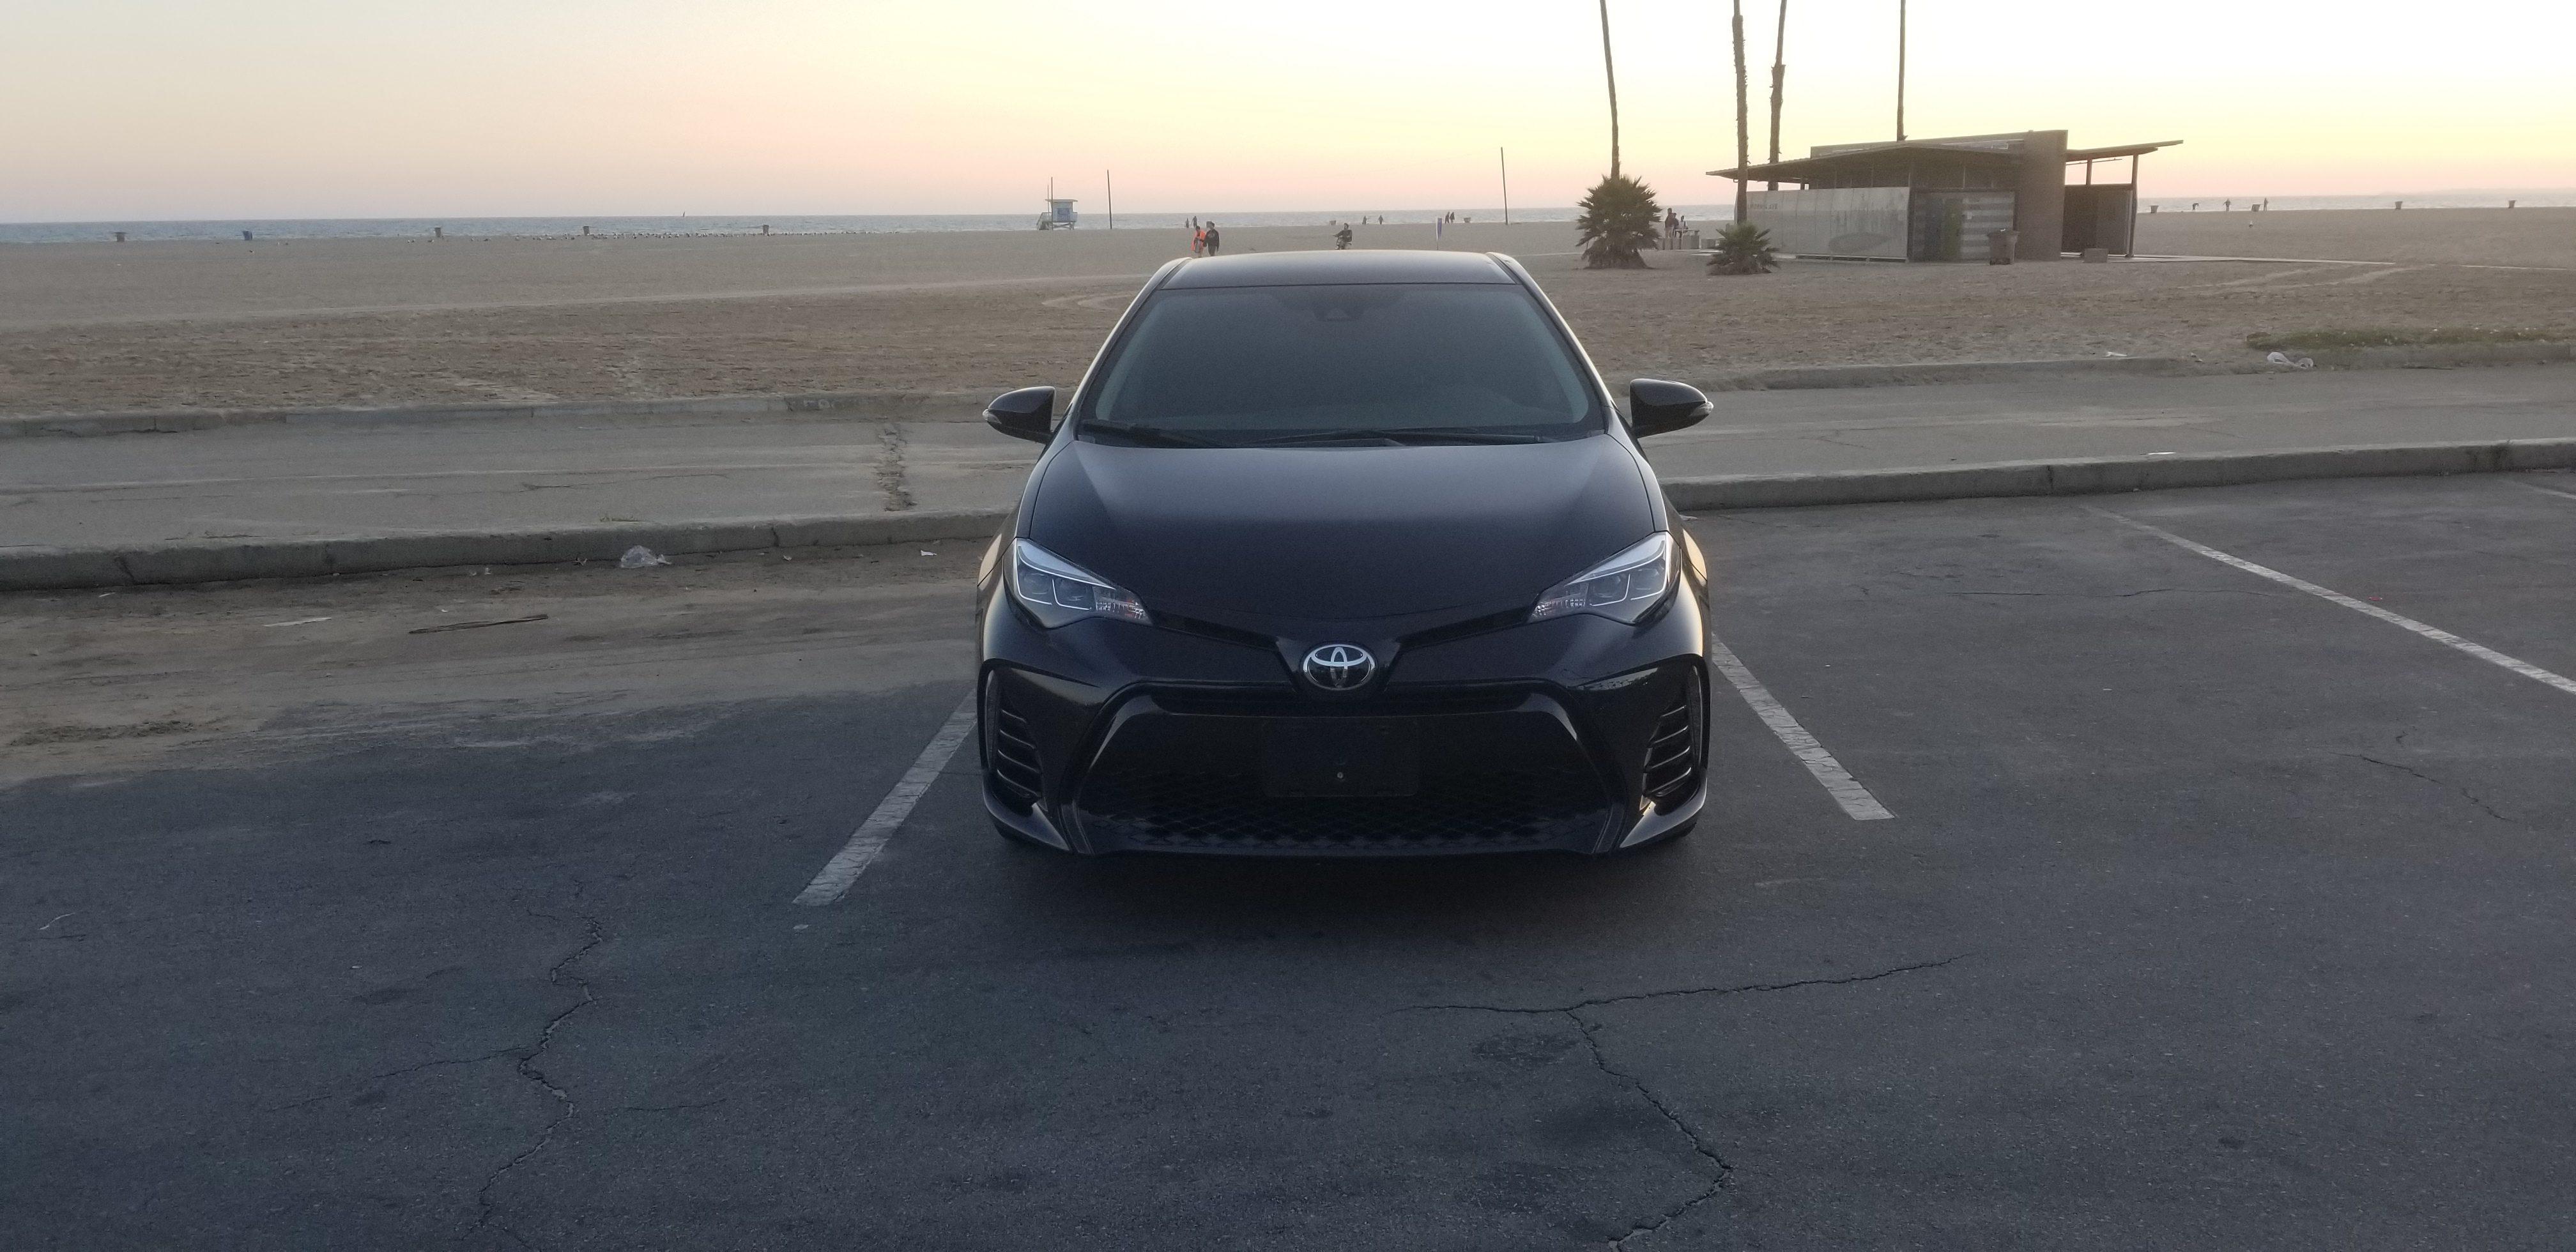 2017 Corolla se image